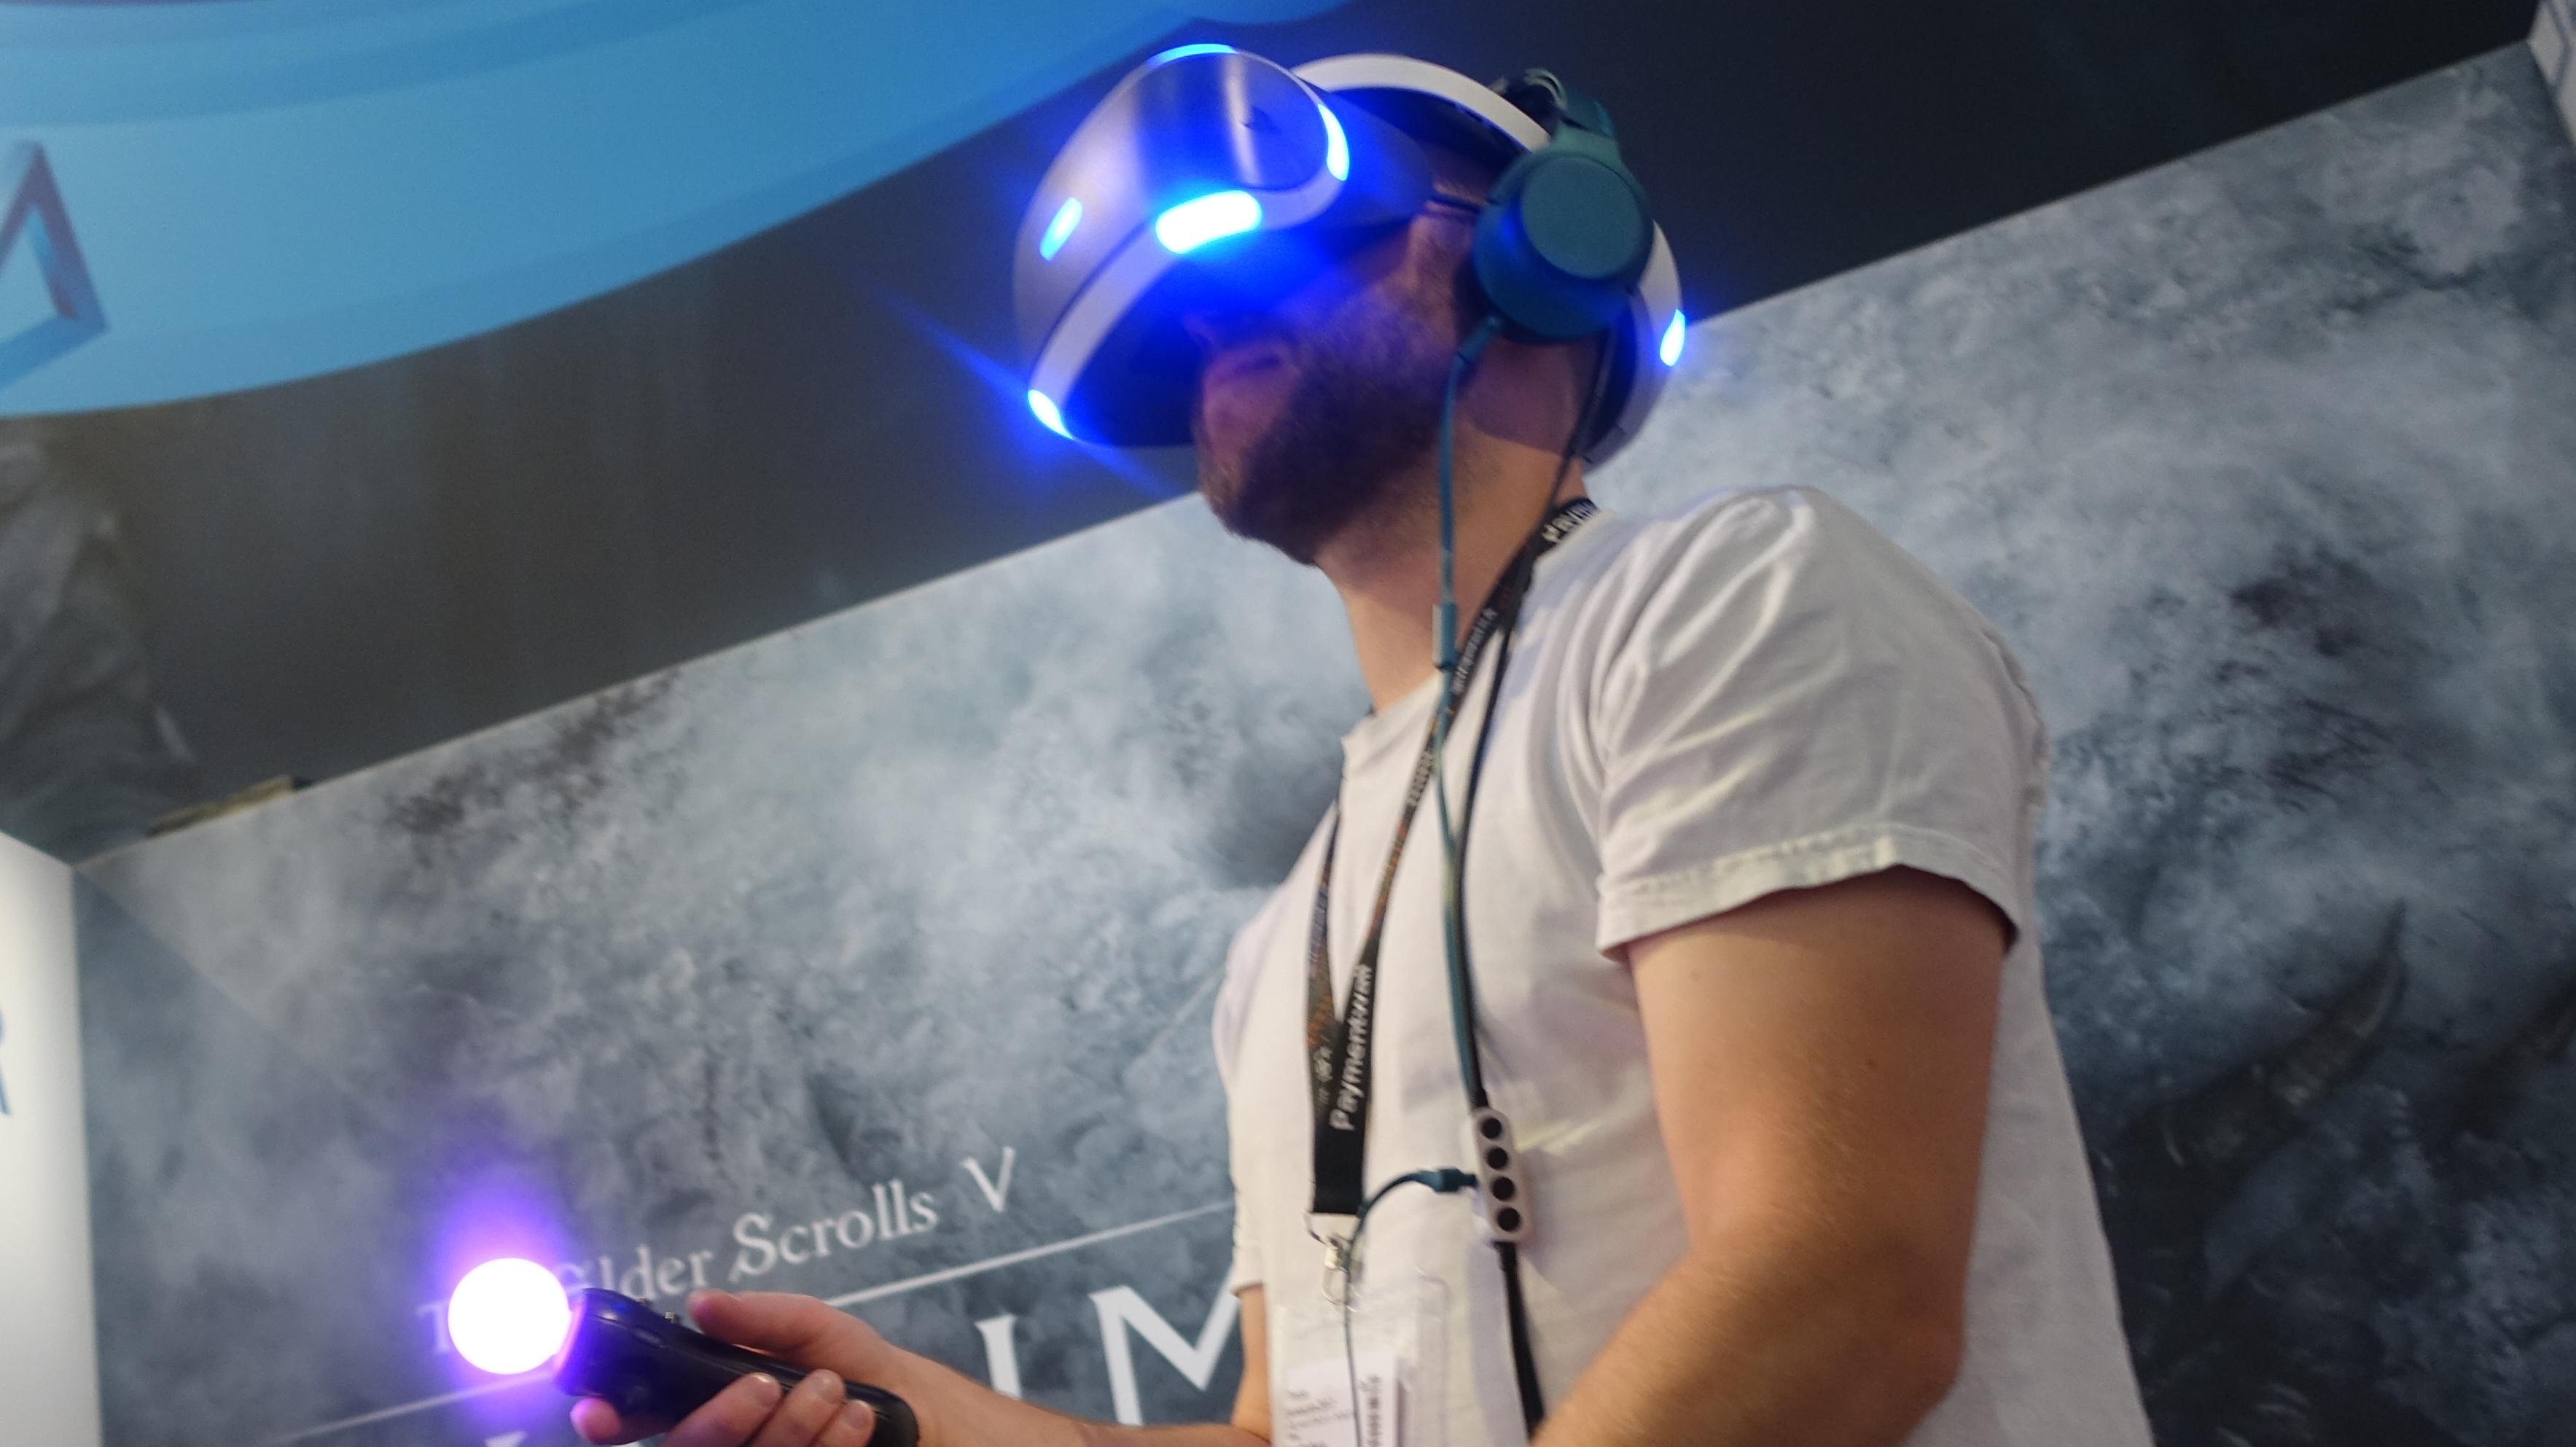 Gamescom VR